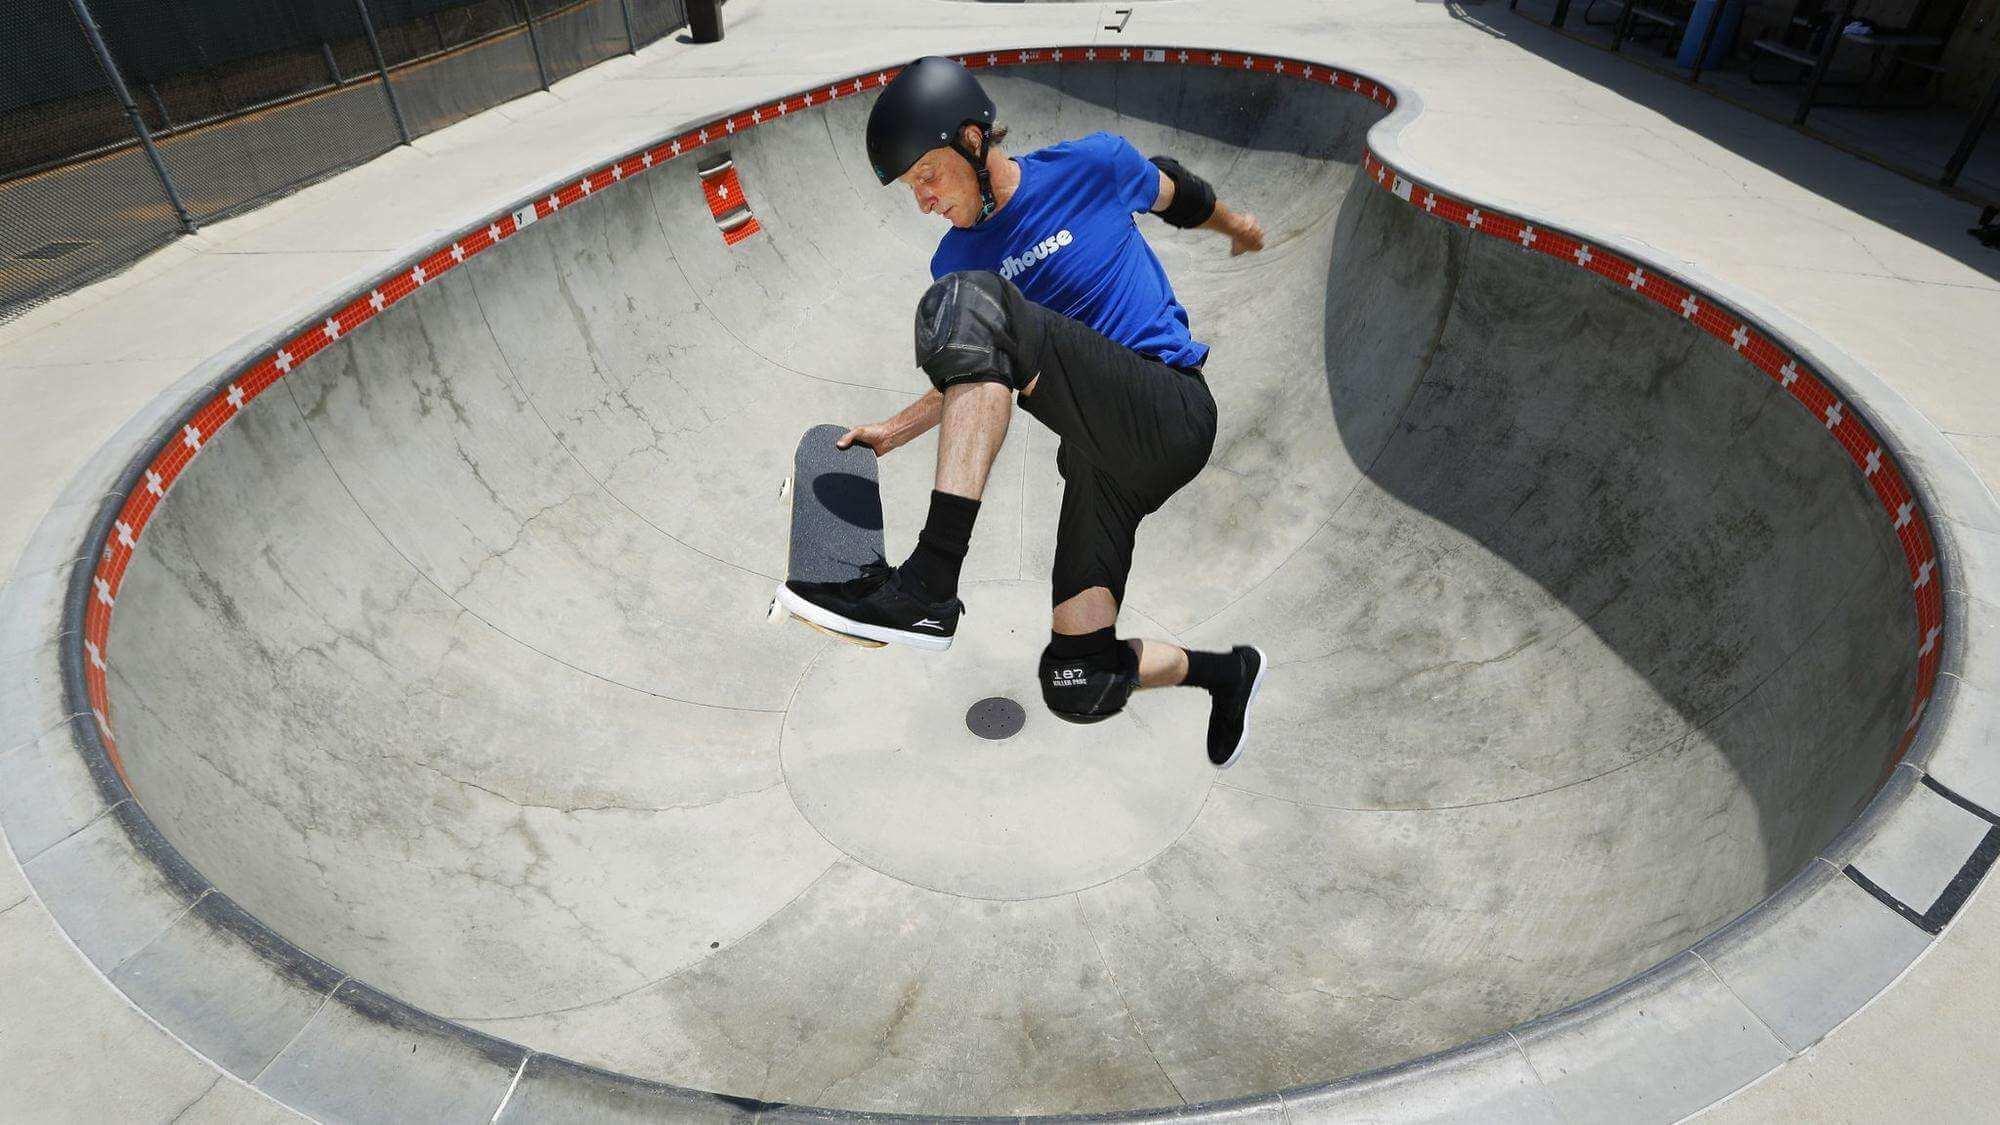 La leyenda del skate Tony Hawk celebra 50 años con 50 tricks en un video demente